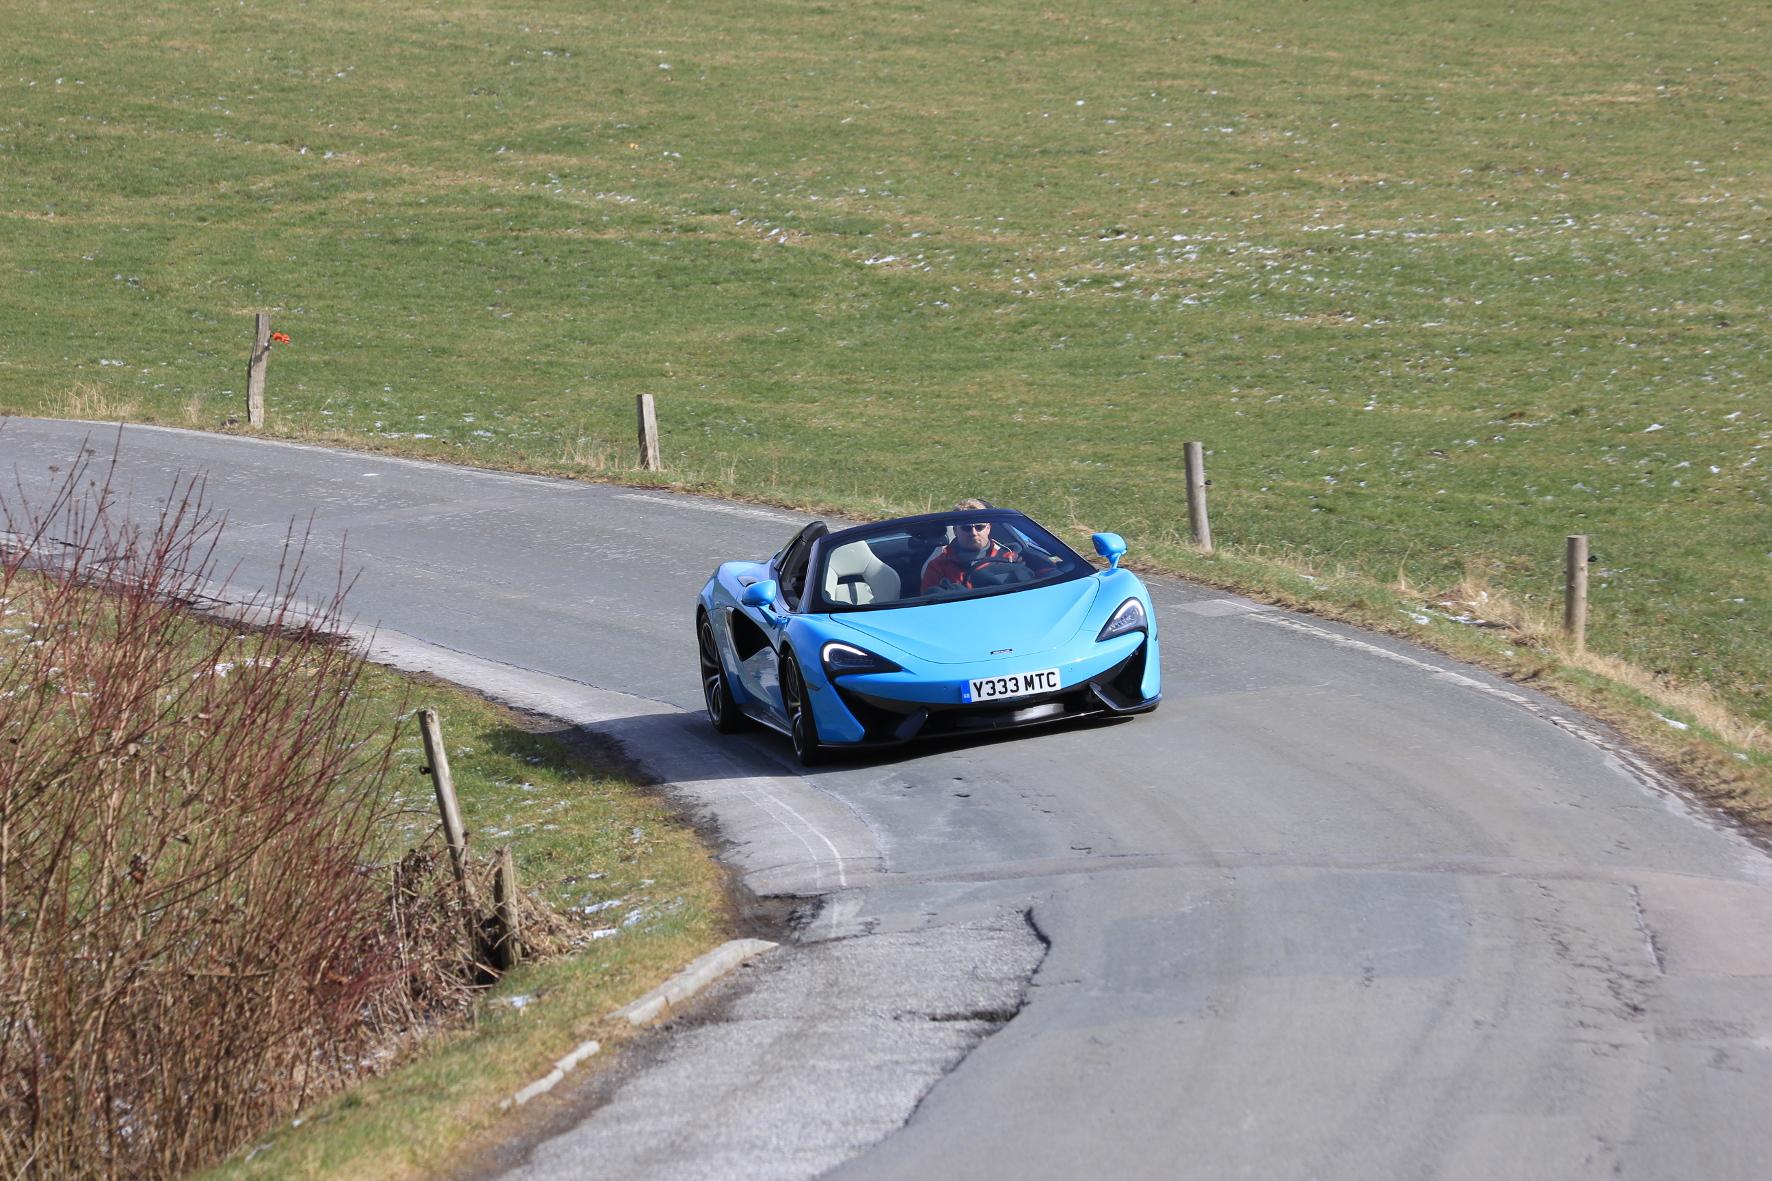 Ein Grund für die starke Meinungsmache: Die nur allzu selten zu sehende Außenhaut des McLaren 570S Spider wirkt auf viele Passanten auf eine gewisse Art magisch.